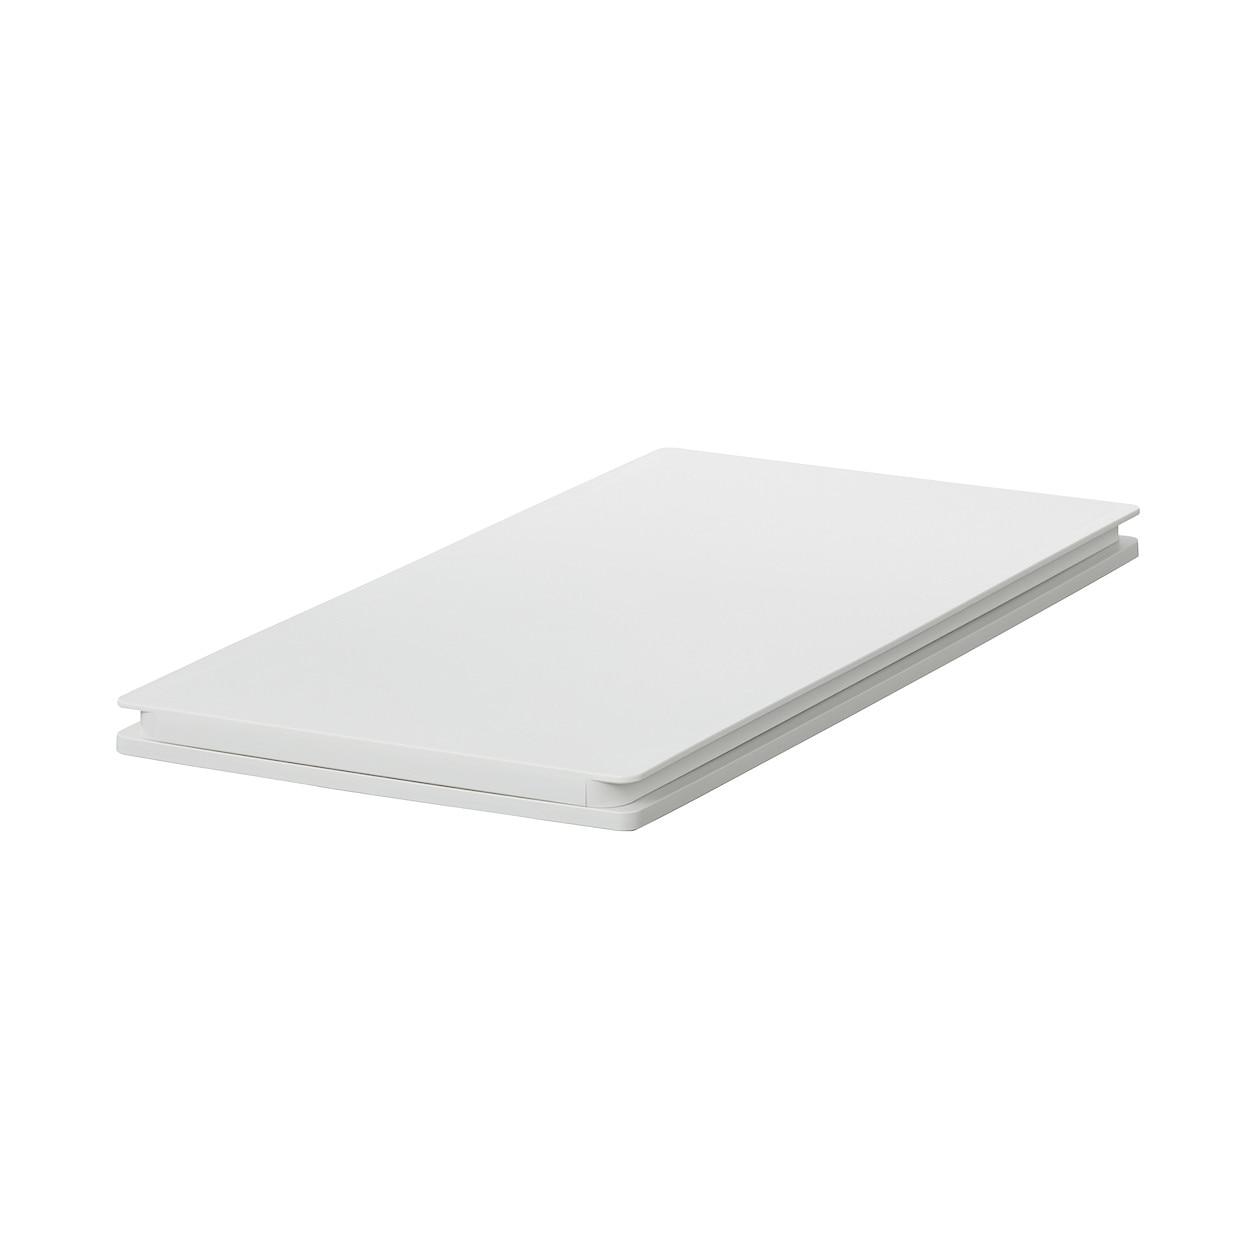 ポリプロピレンフタが選べるダストボックス用フタ・横開き用の写真